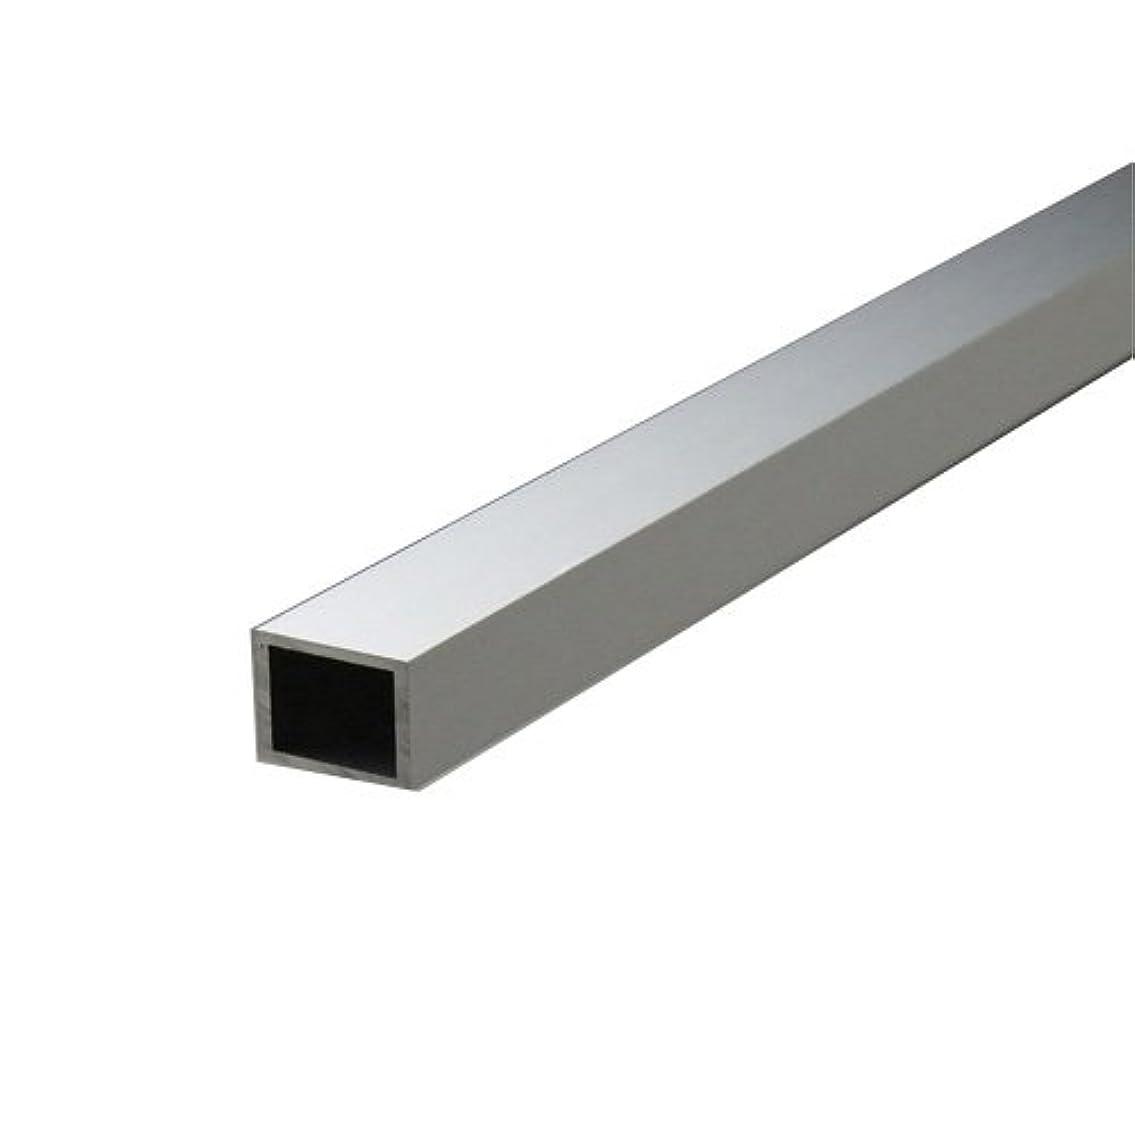 東マラドロイトたるみアルミ不等辺角パイプ 1.5x10x30x4000mm(2M+2M) アルマイトシルバー